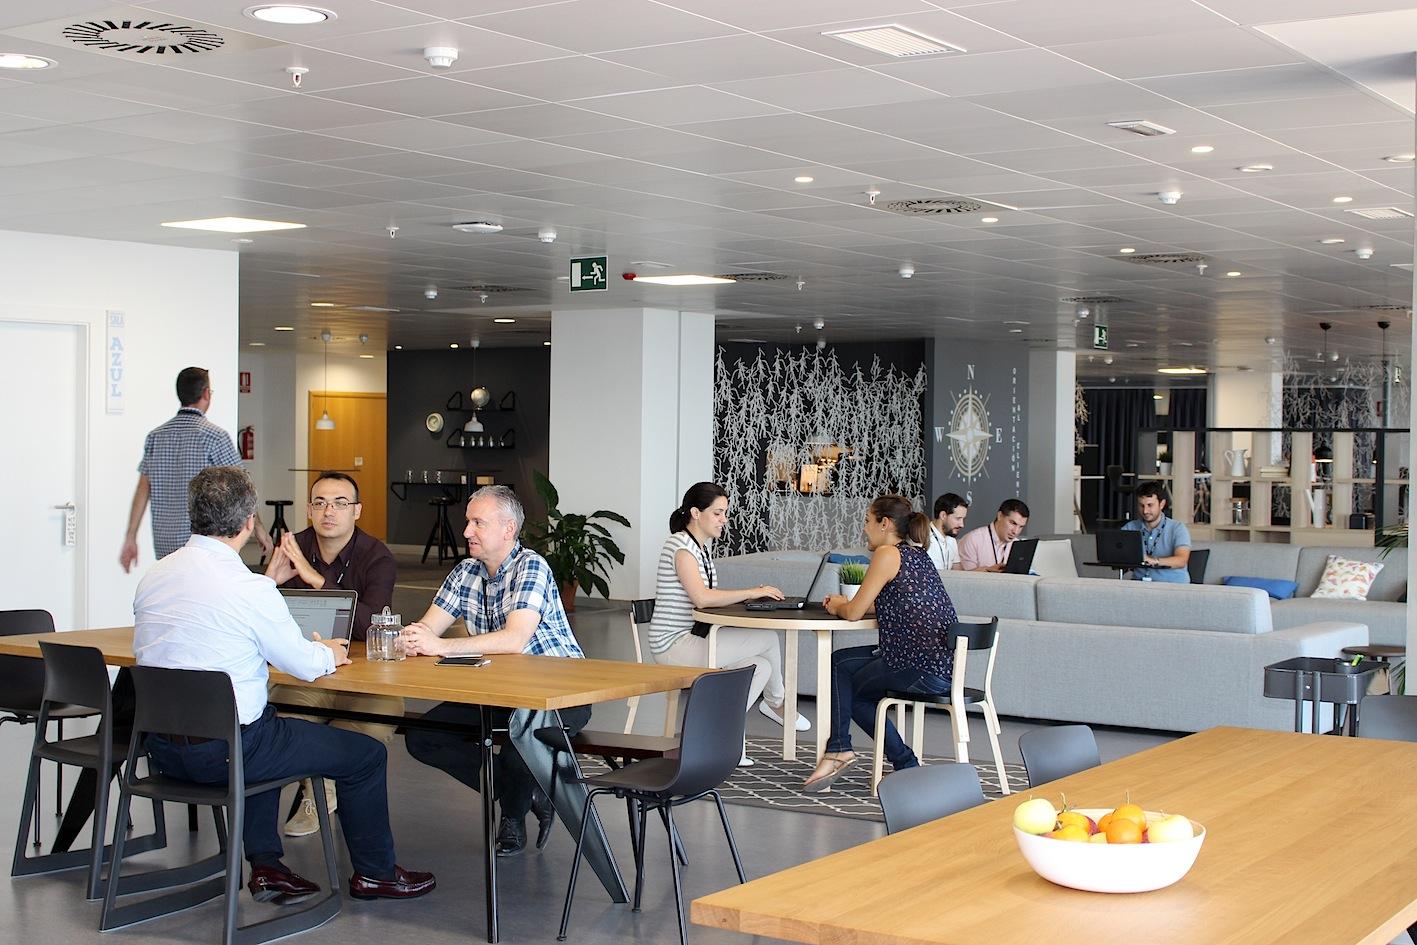 nuevo_edificioasv04 oficinas grupo asv Alicante